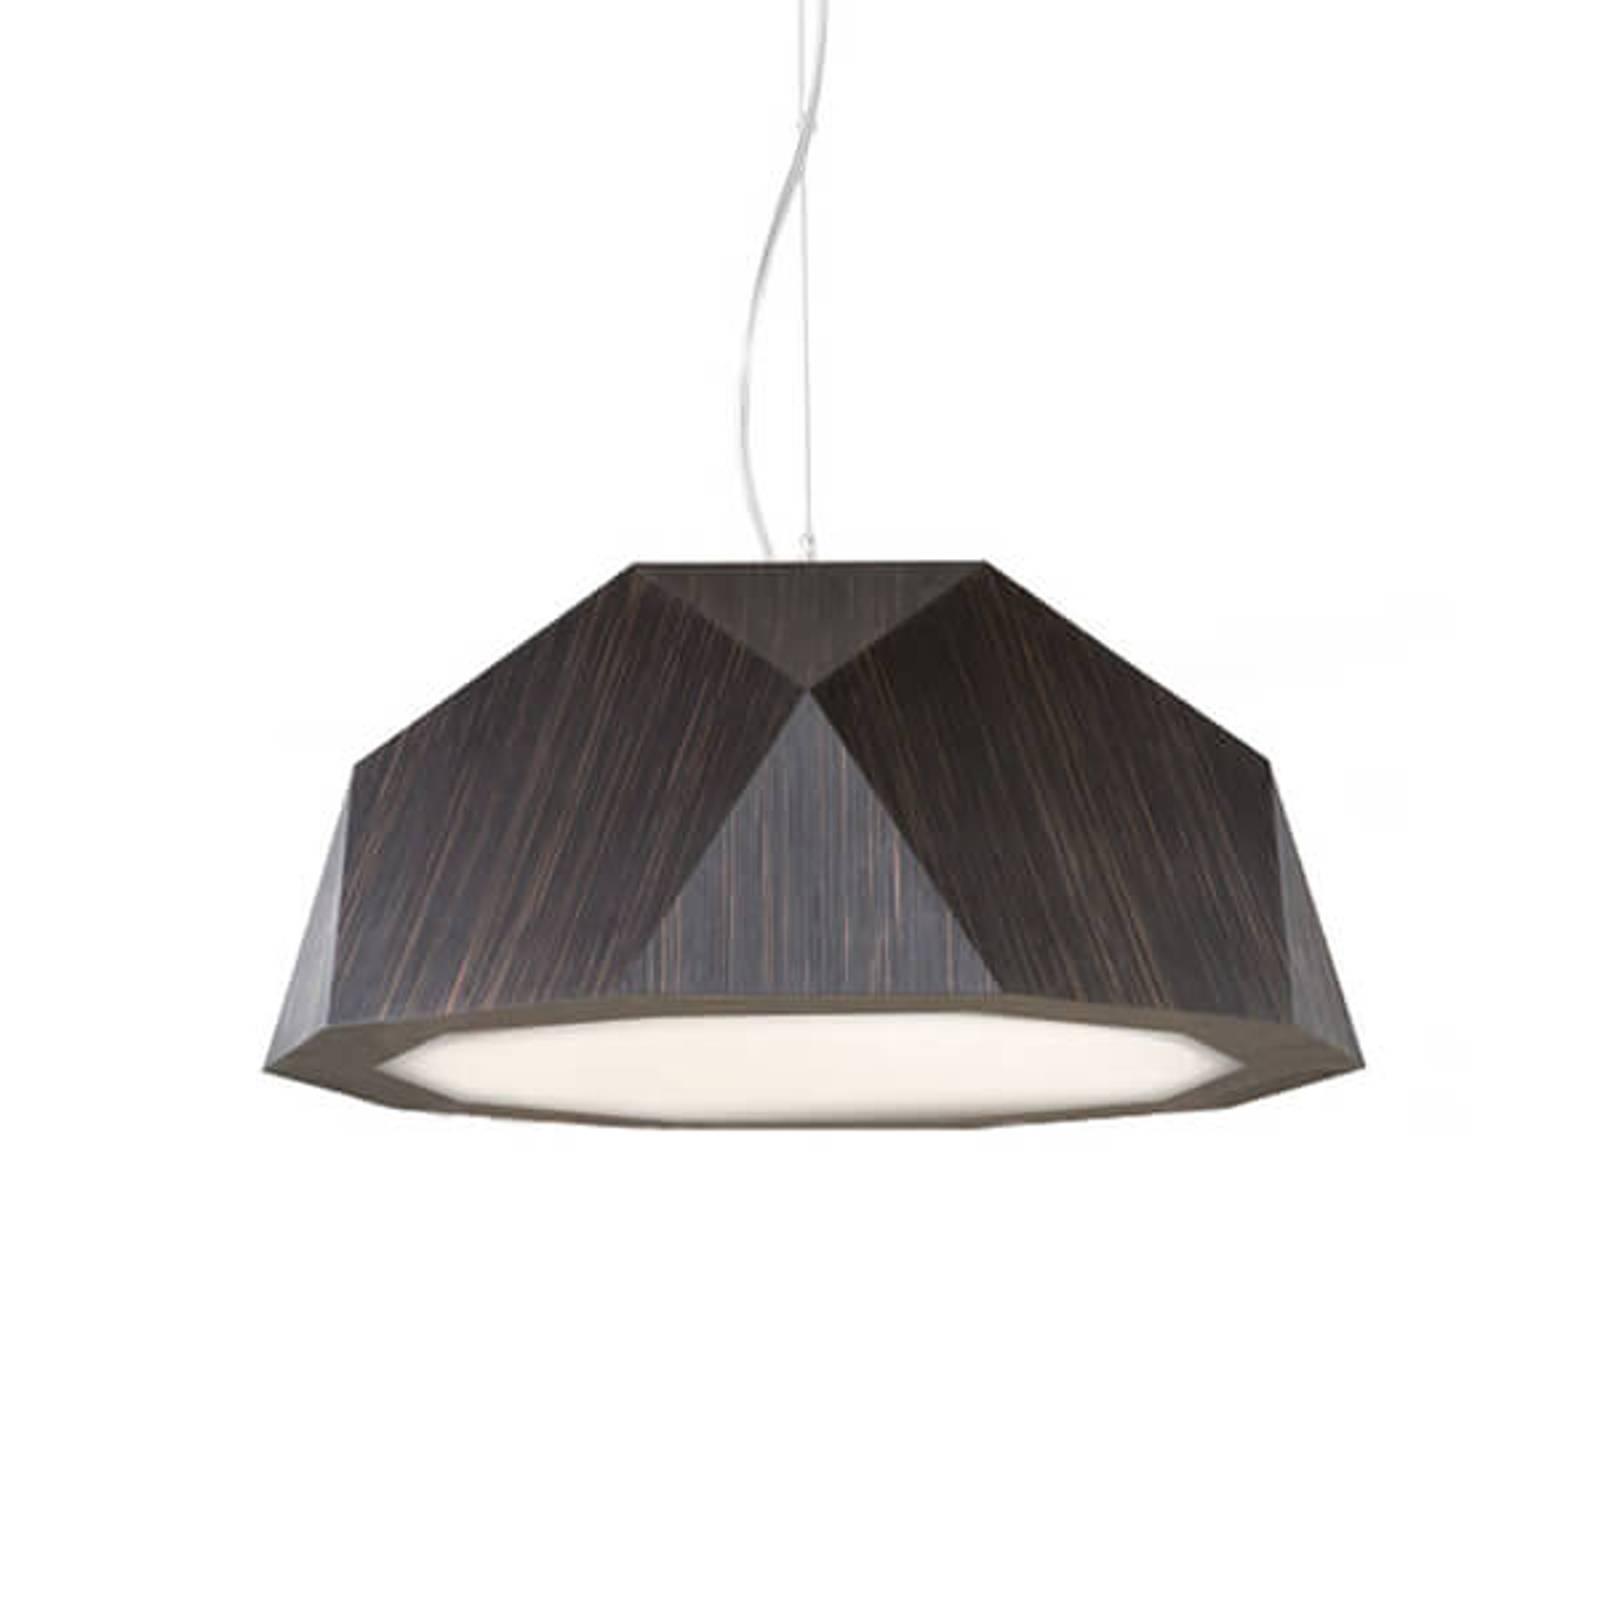 LED hanglamp Crio in donkere houtlook